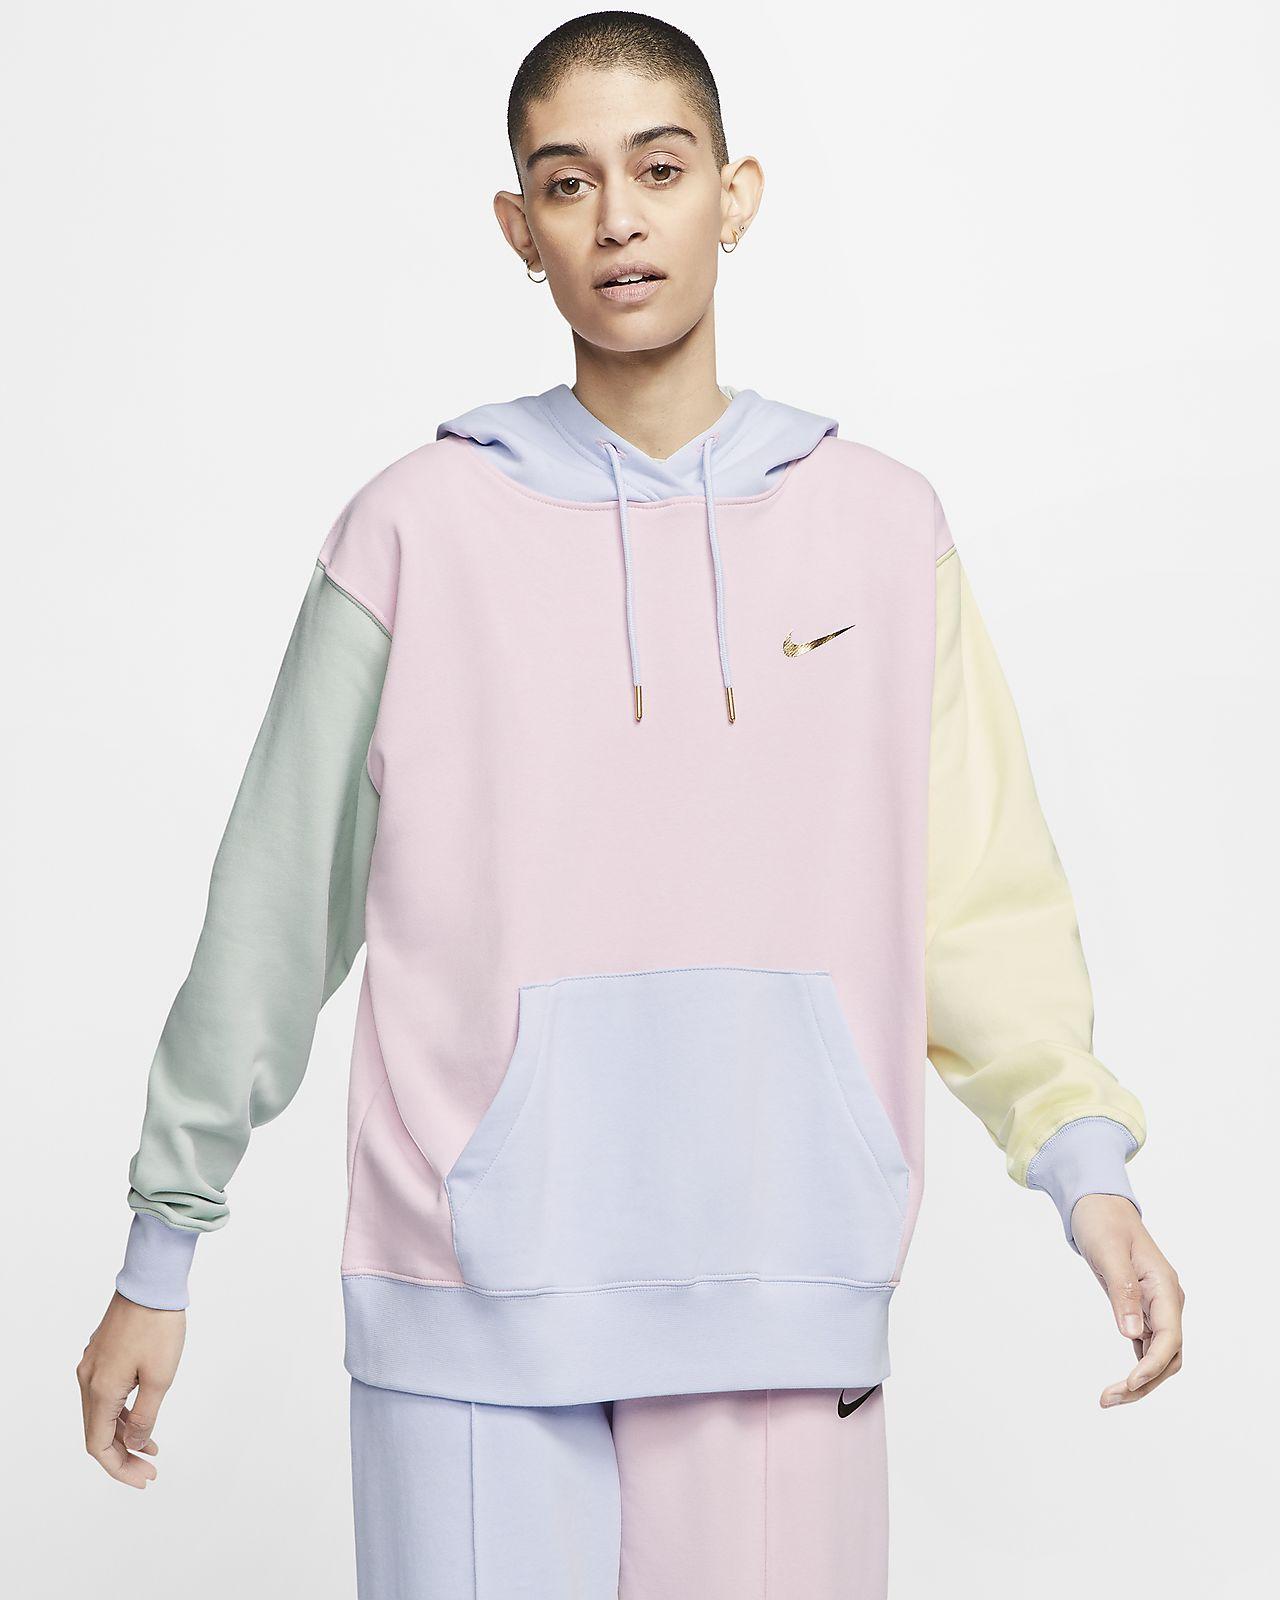 Nike Sportswear Women S Swoosh Pullover Hoodie Nike Gb Nike Sportswear Women Nike Hoodie Outfit Nike Long Sleeve [ 1600 x 1280 Pixel ]